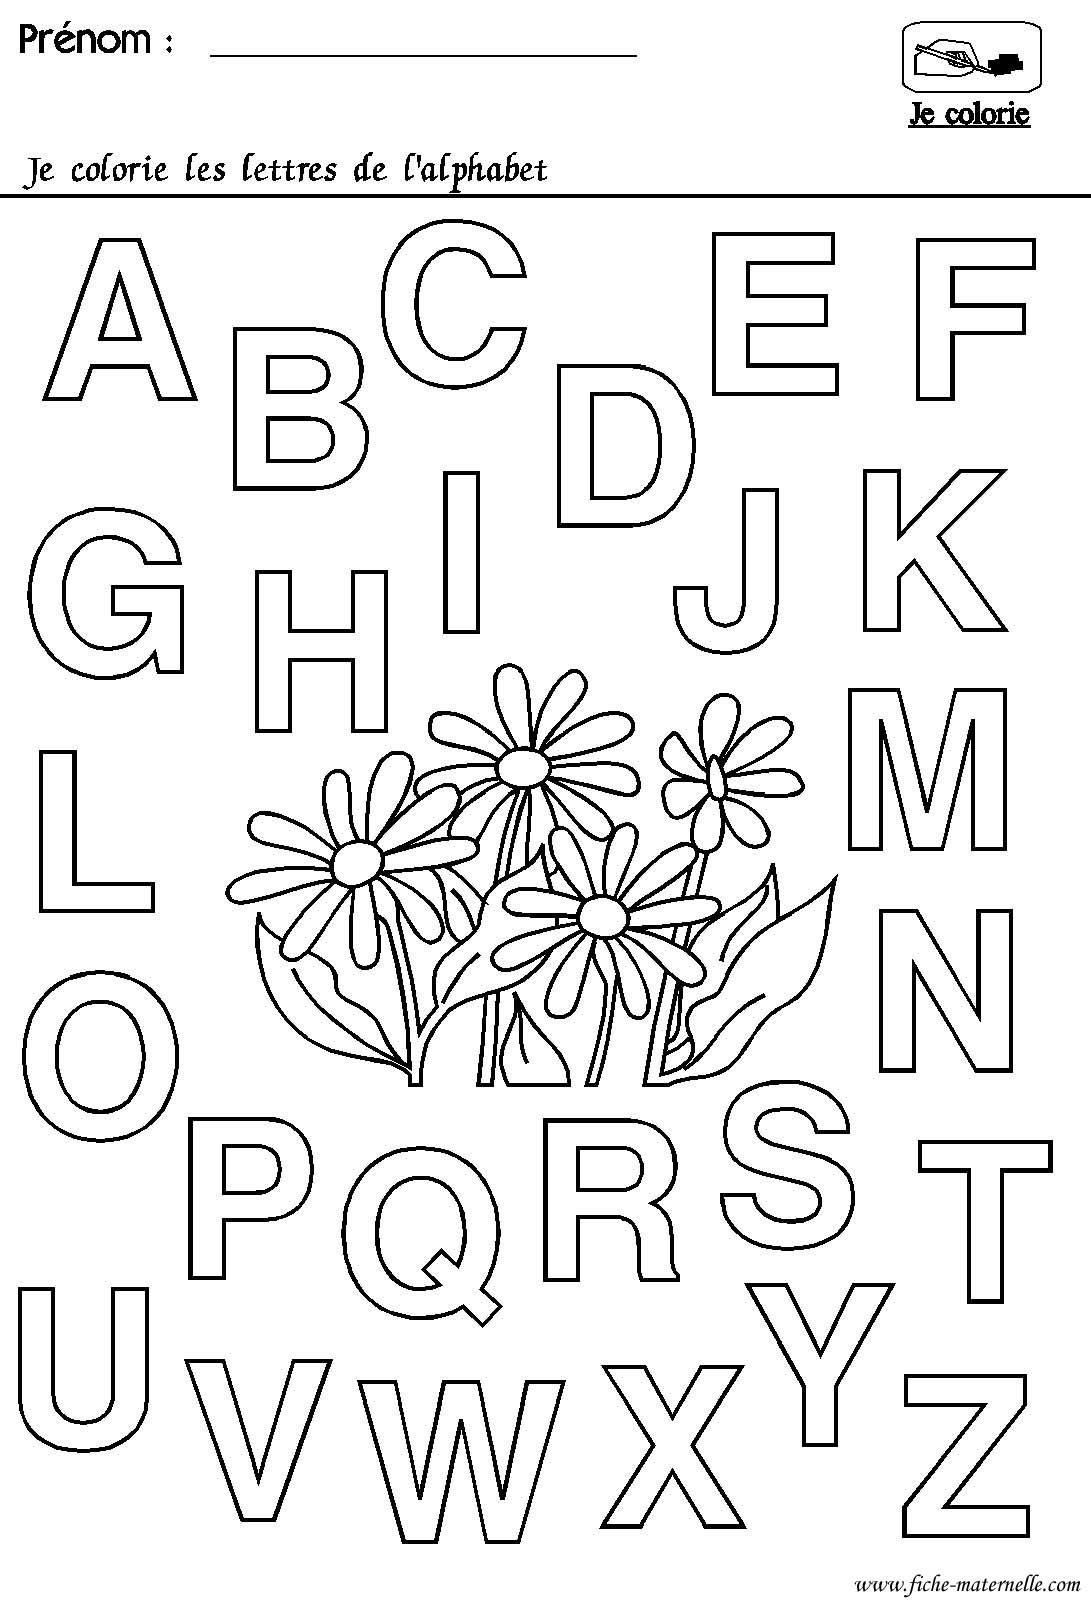 Maternelle Rentree Des Classes L Alphabet